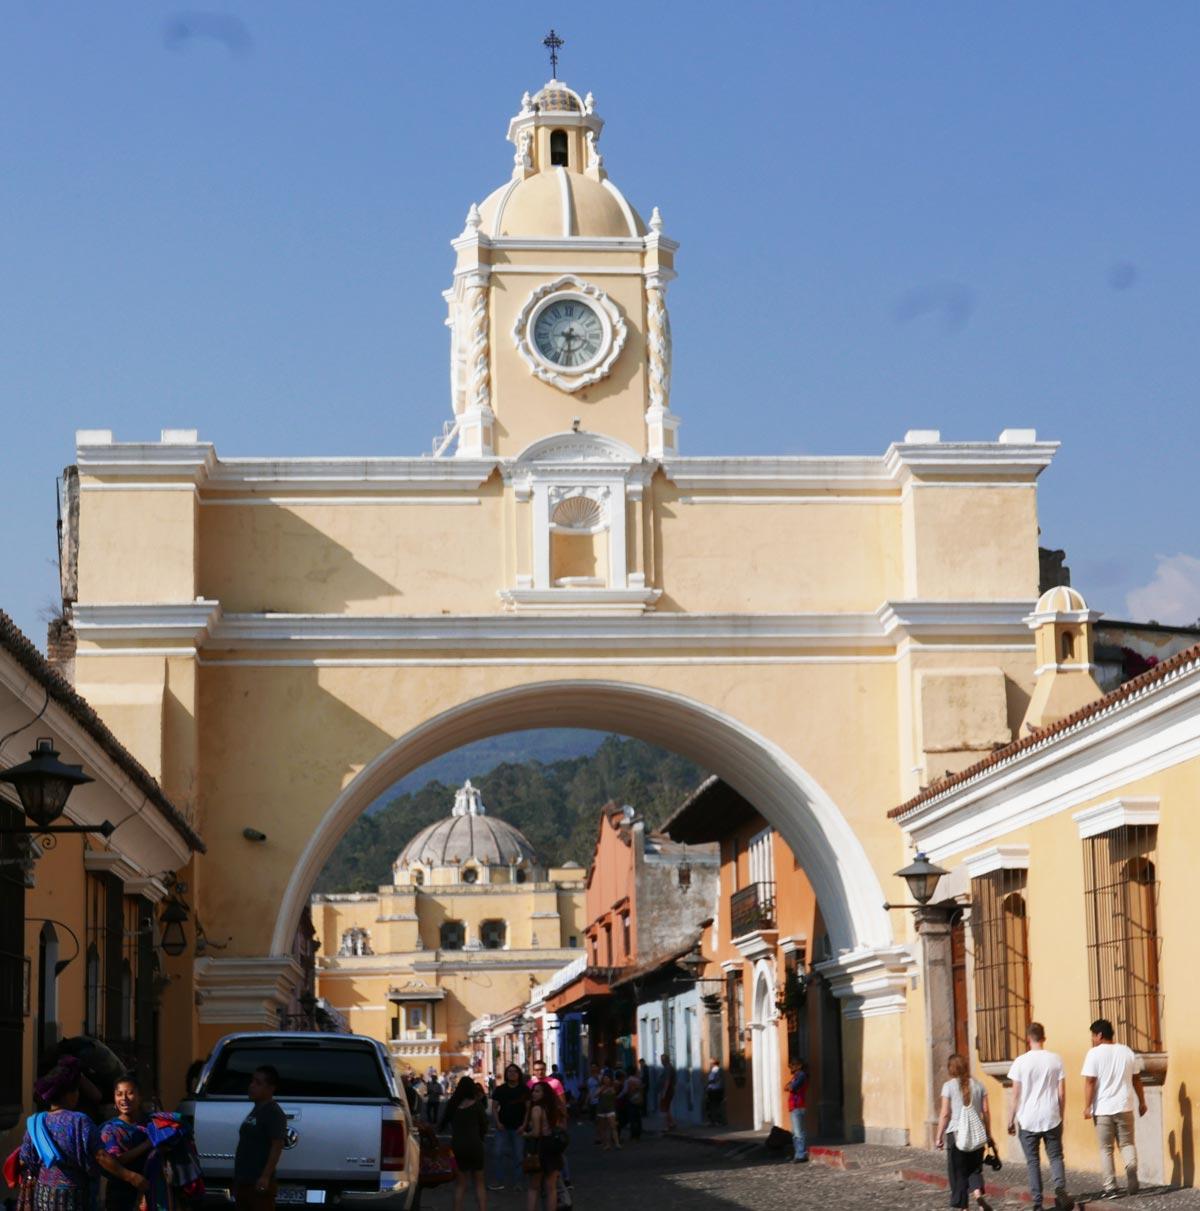 Arch in central Antigua, Guatemala